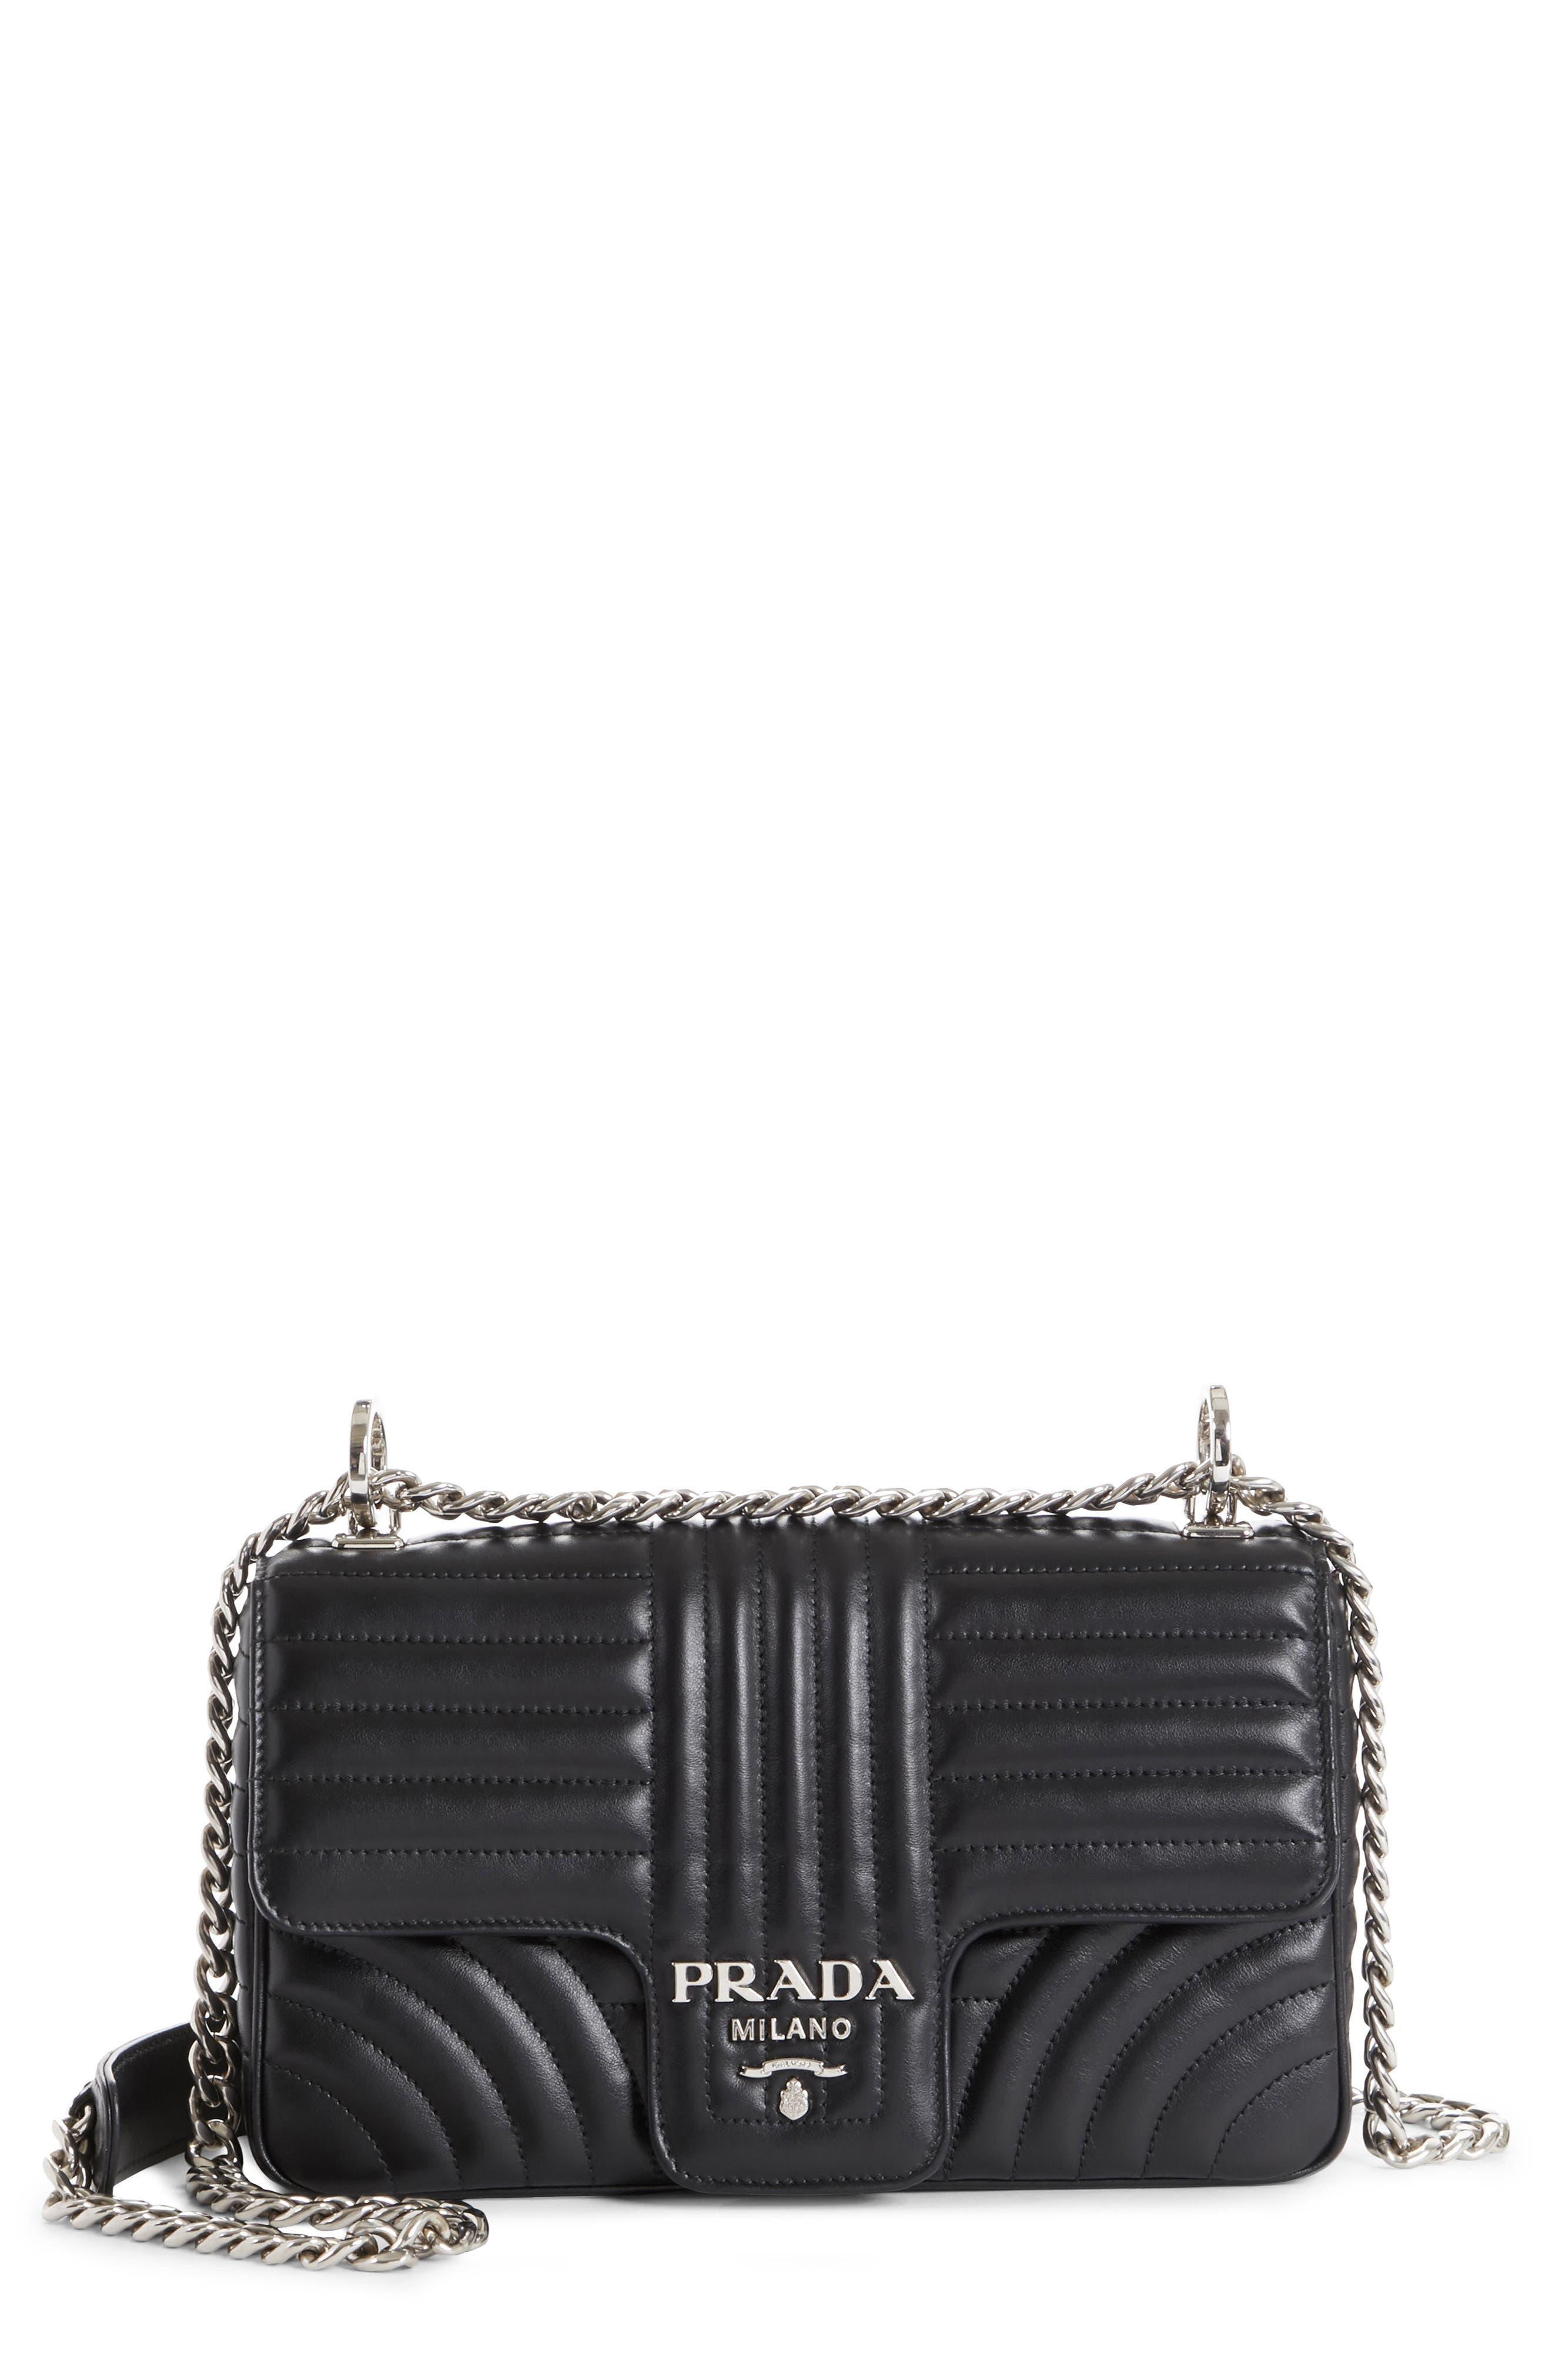 40b37f975b3b Prada Handbags   Purses